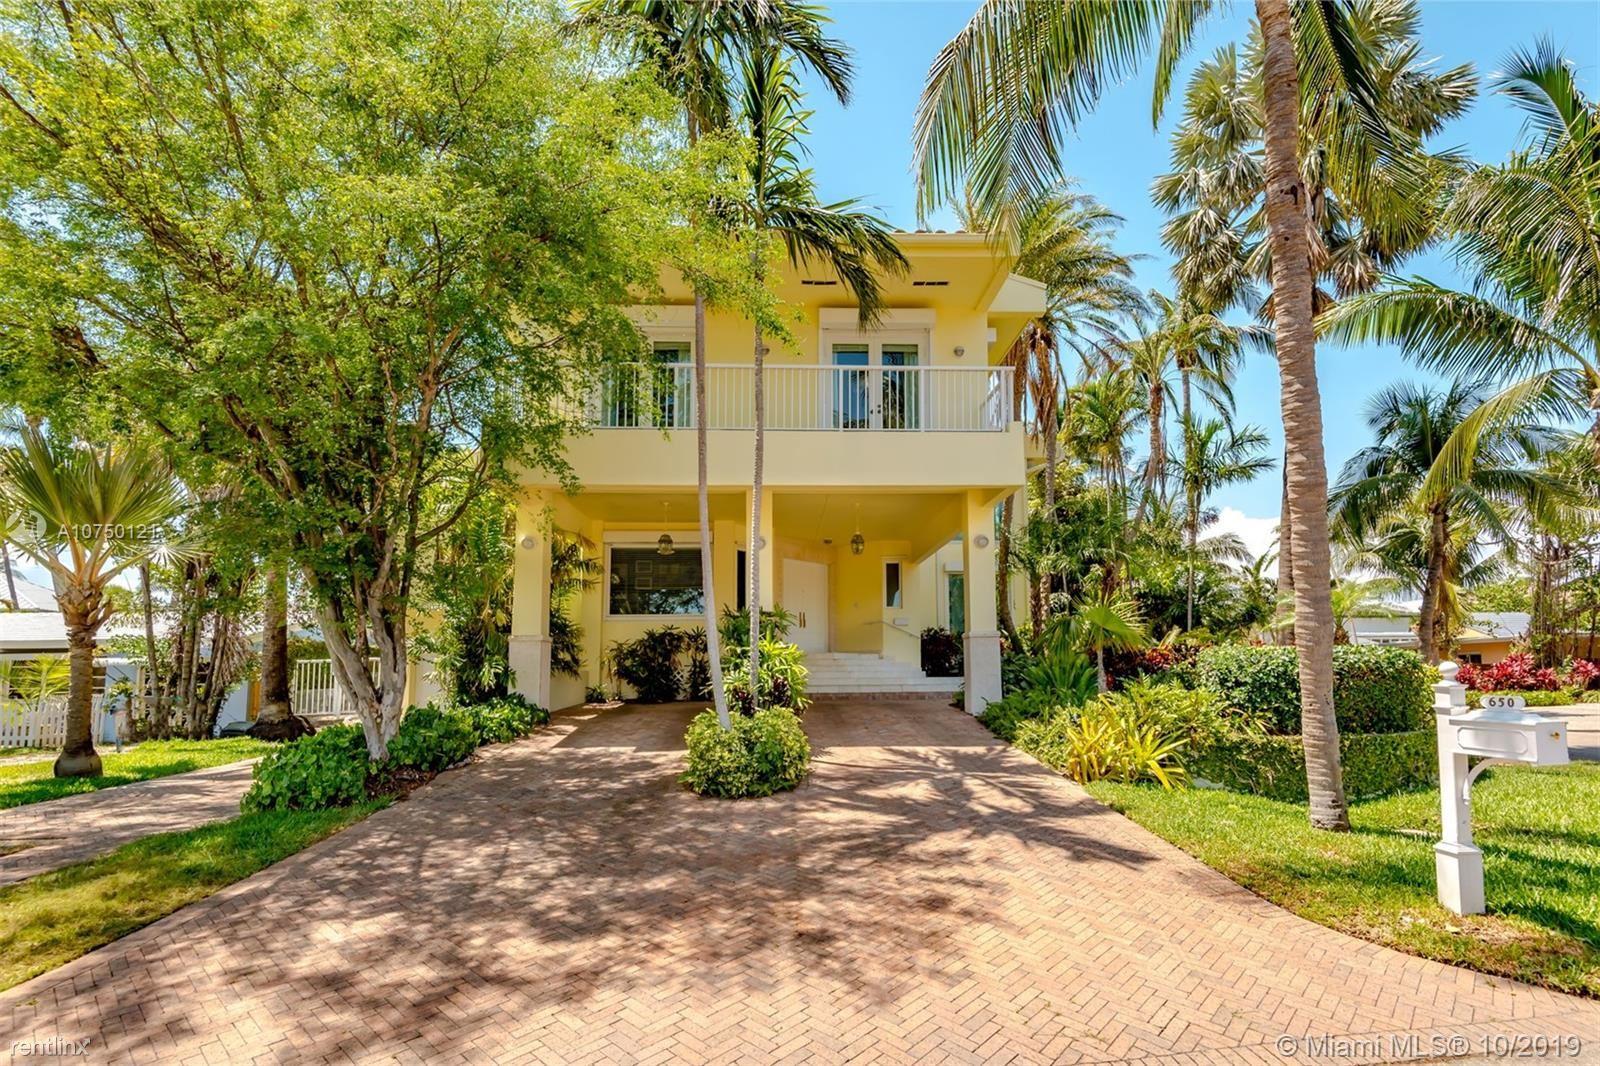 650 Curtiswood Dr, Key Biscayne, FL - $11,500